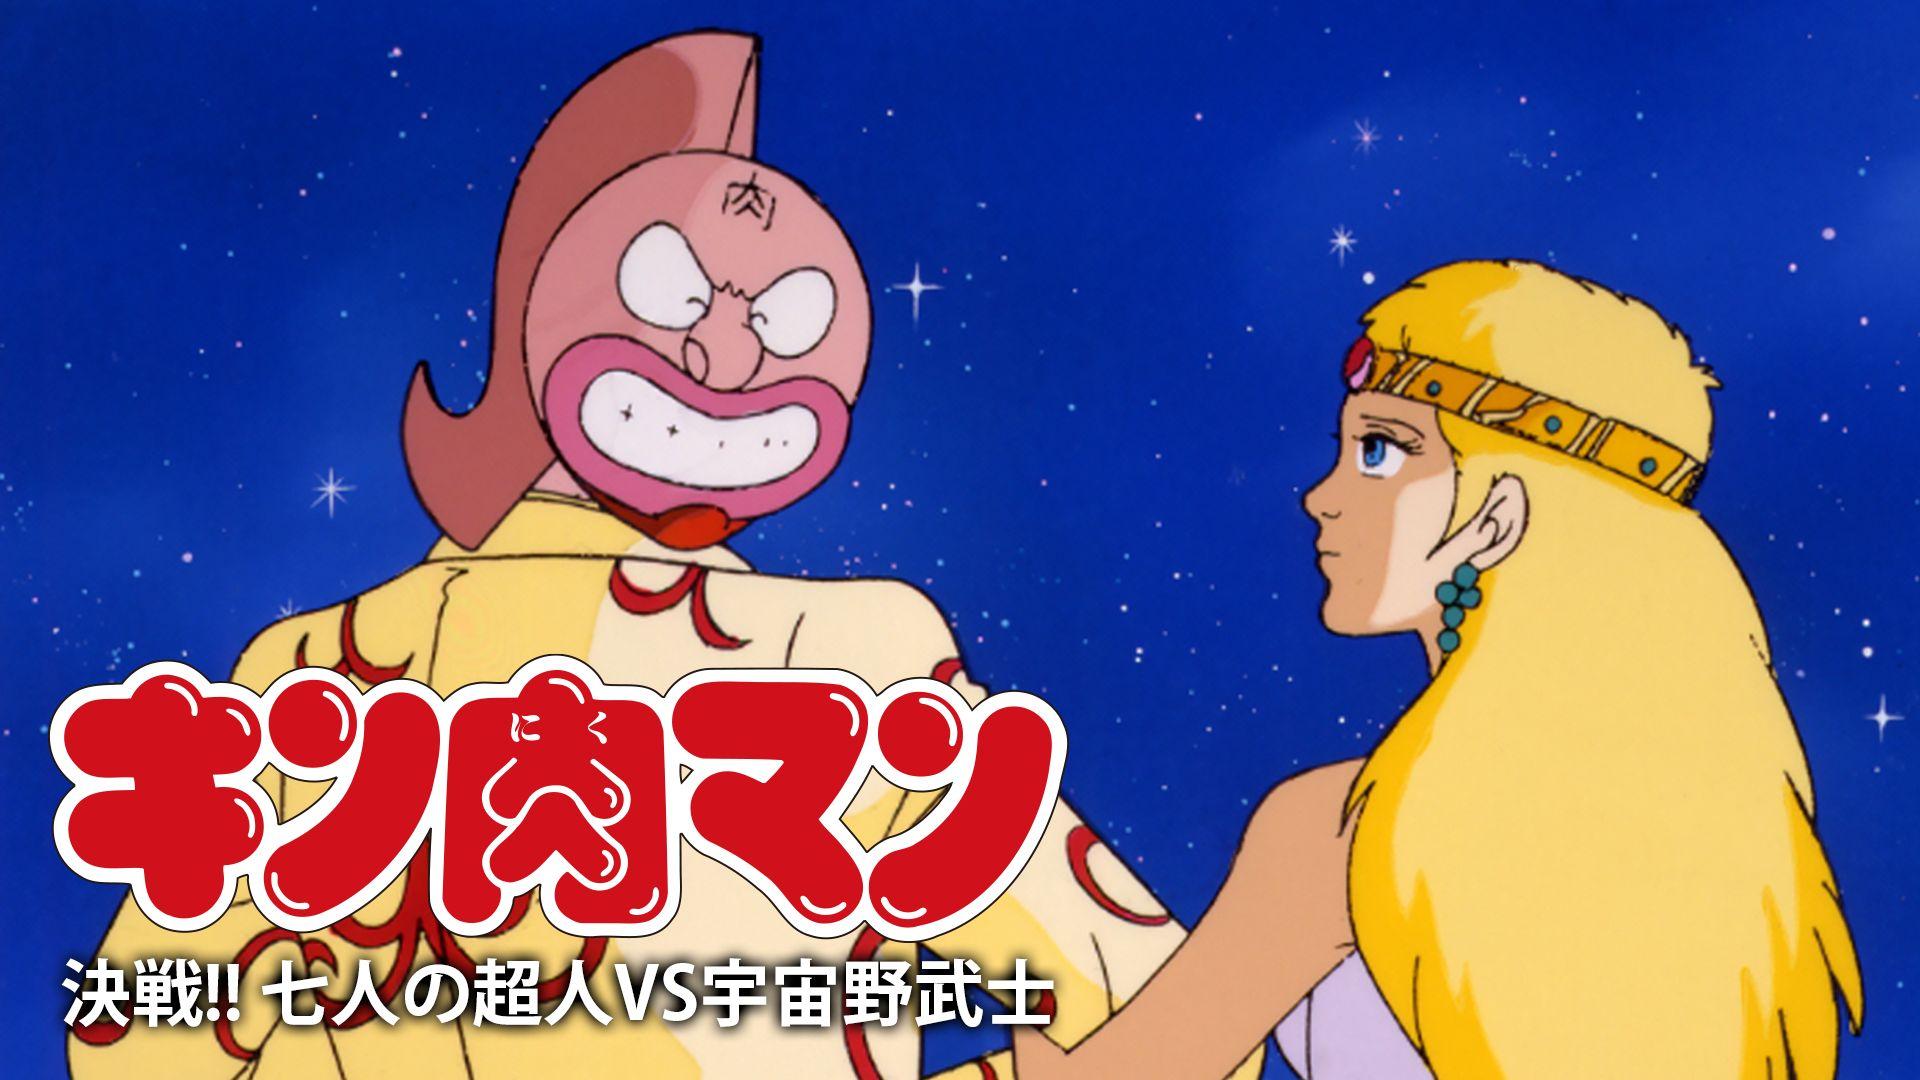 キン肉マン 決戦!! 七人の超人VS宇宙野武士